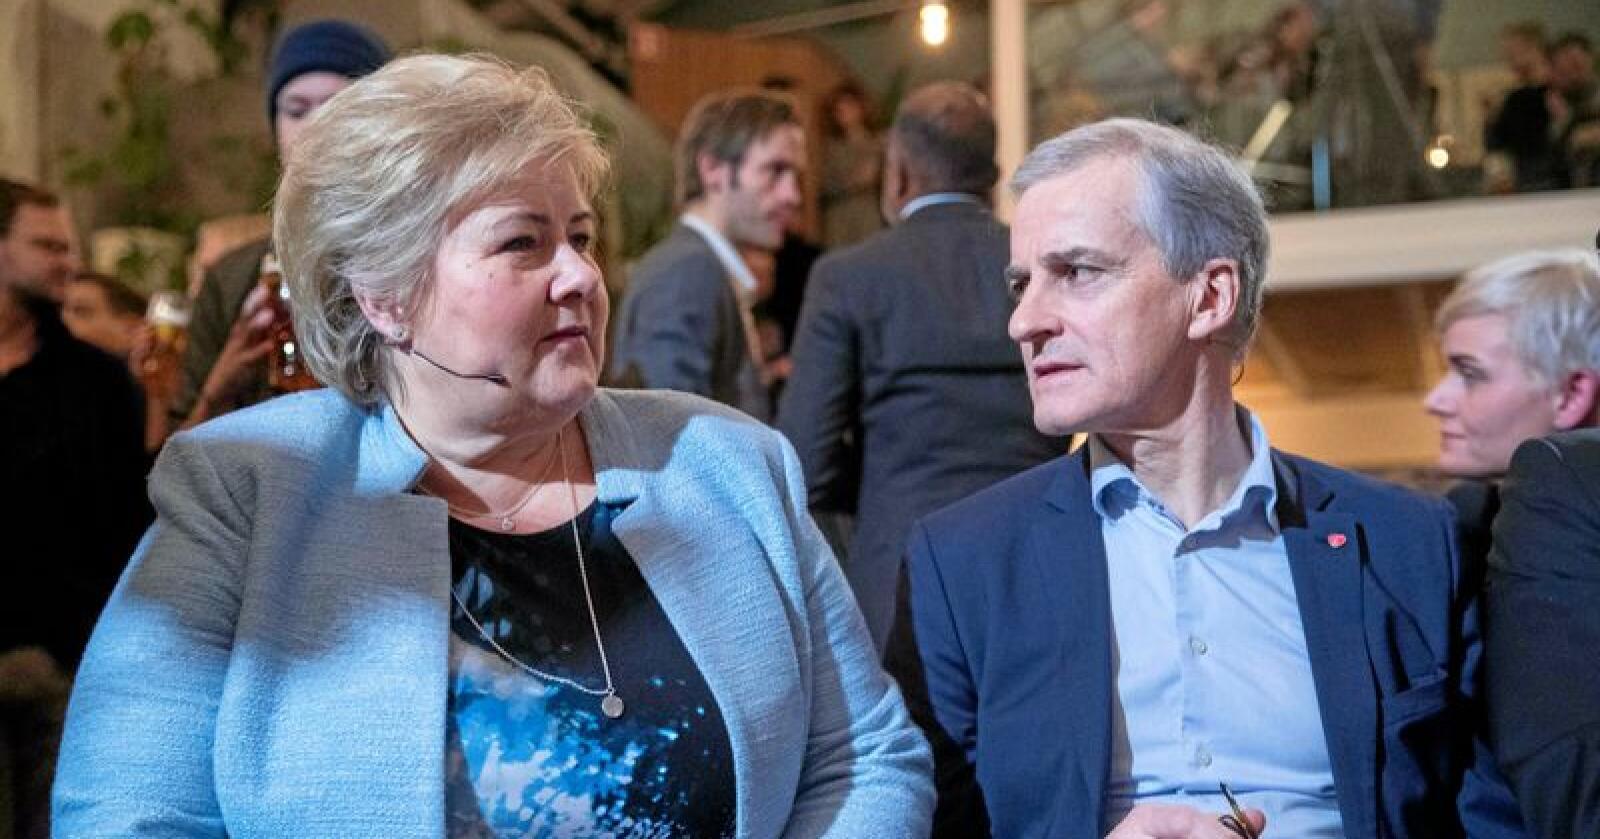 Ap-leder Jonas Gahr Støre (t.h.) krever at statsminister Erna Solberg kommer til Stortinget og svarer på spørsmål om denne ukas vedtak om jakt innenfor forvaltningsområdet for ynglende ulv. Foto: Terje Pedersen / NTB scanpix